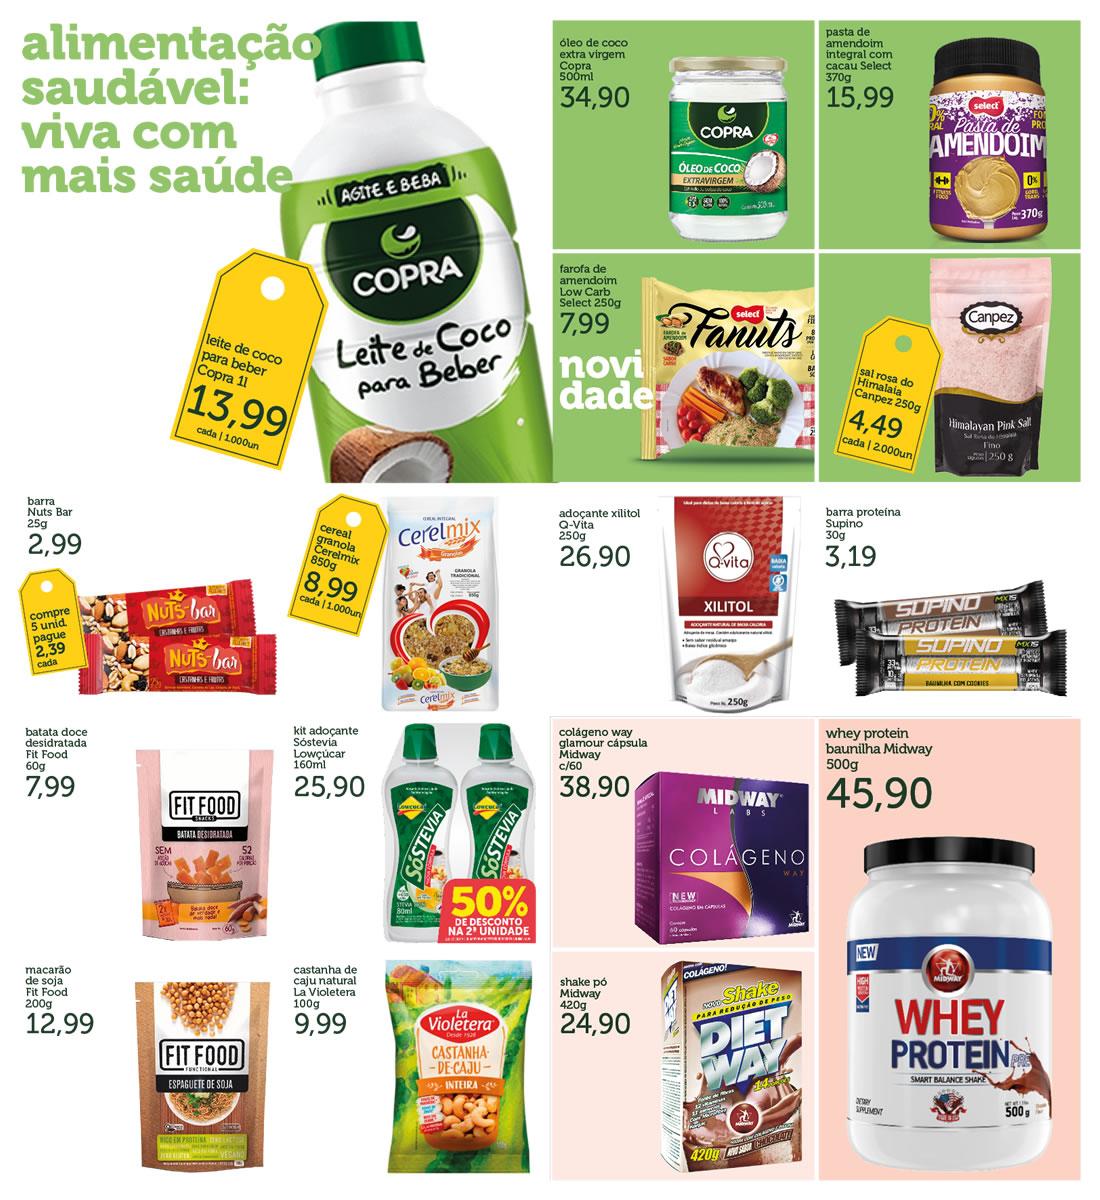 caita_supermercados_tabloide_agosto2018_bento08